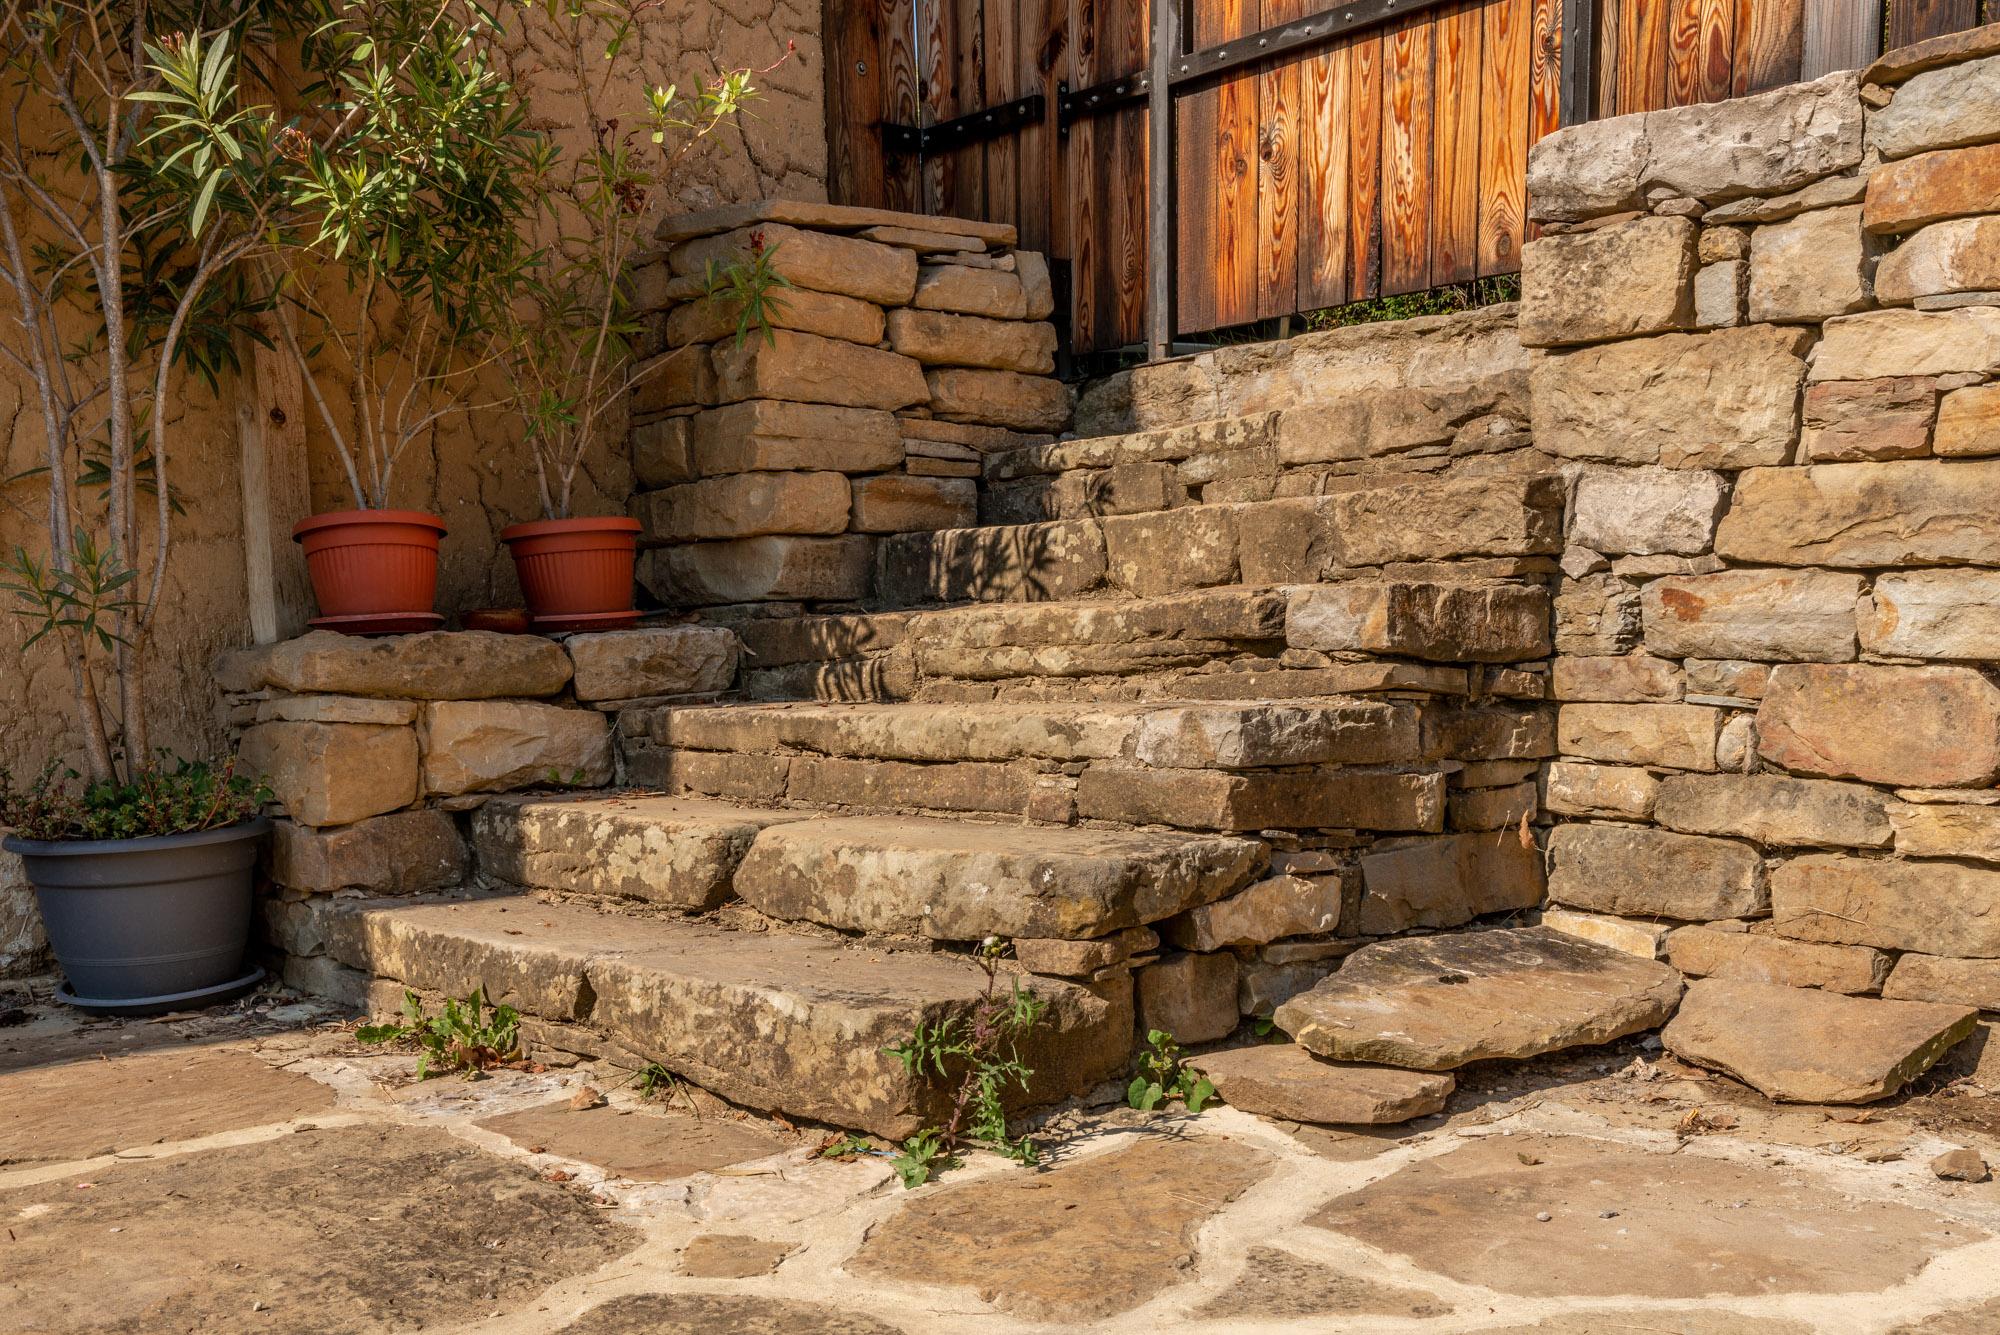 Каменни стъпала, които водят към настилка от естествен камък